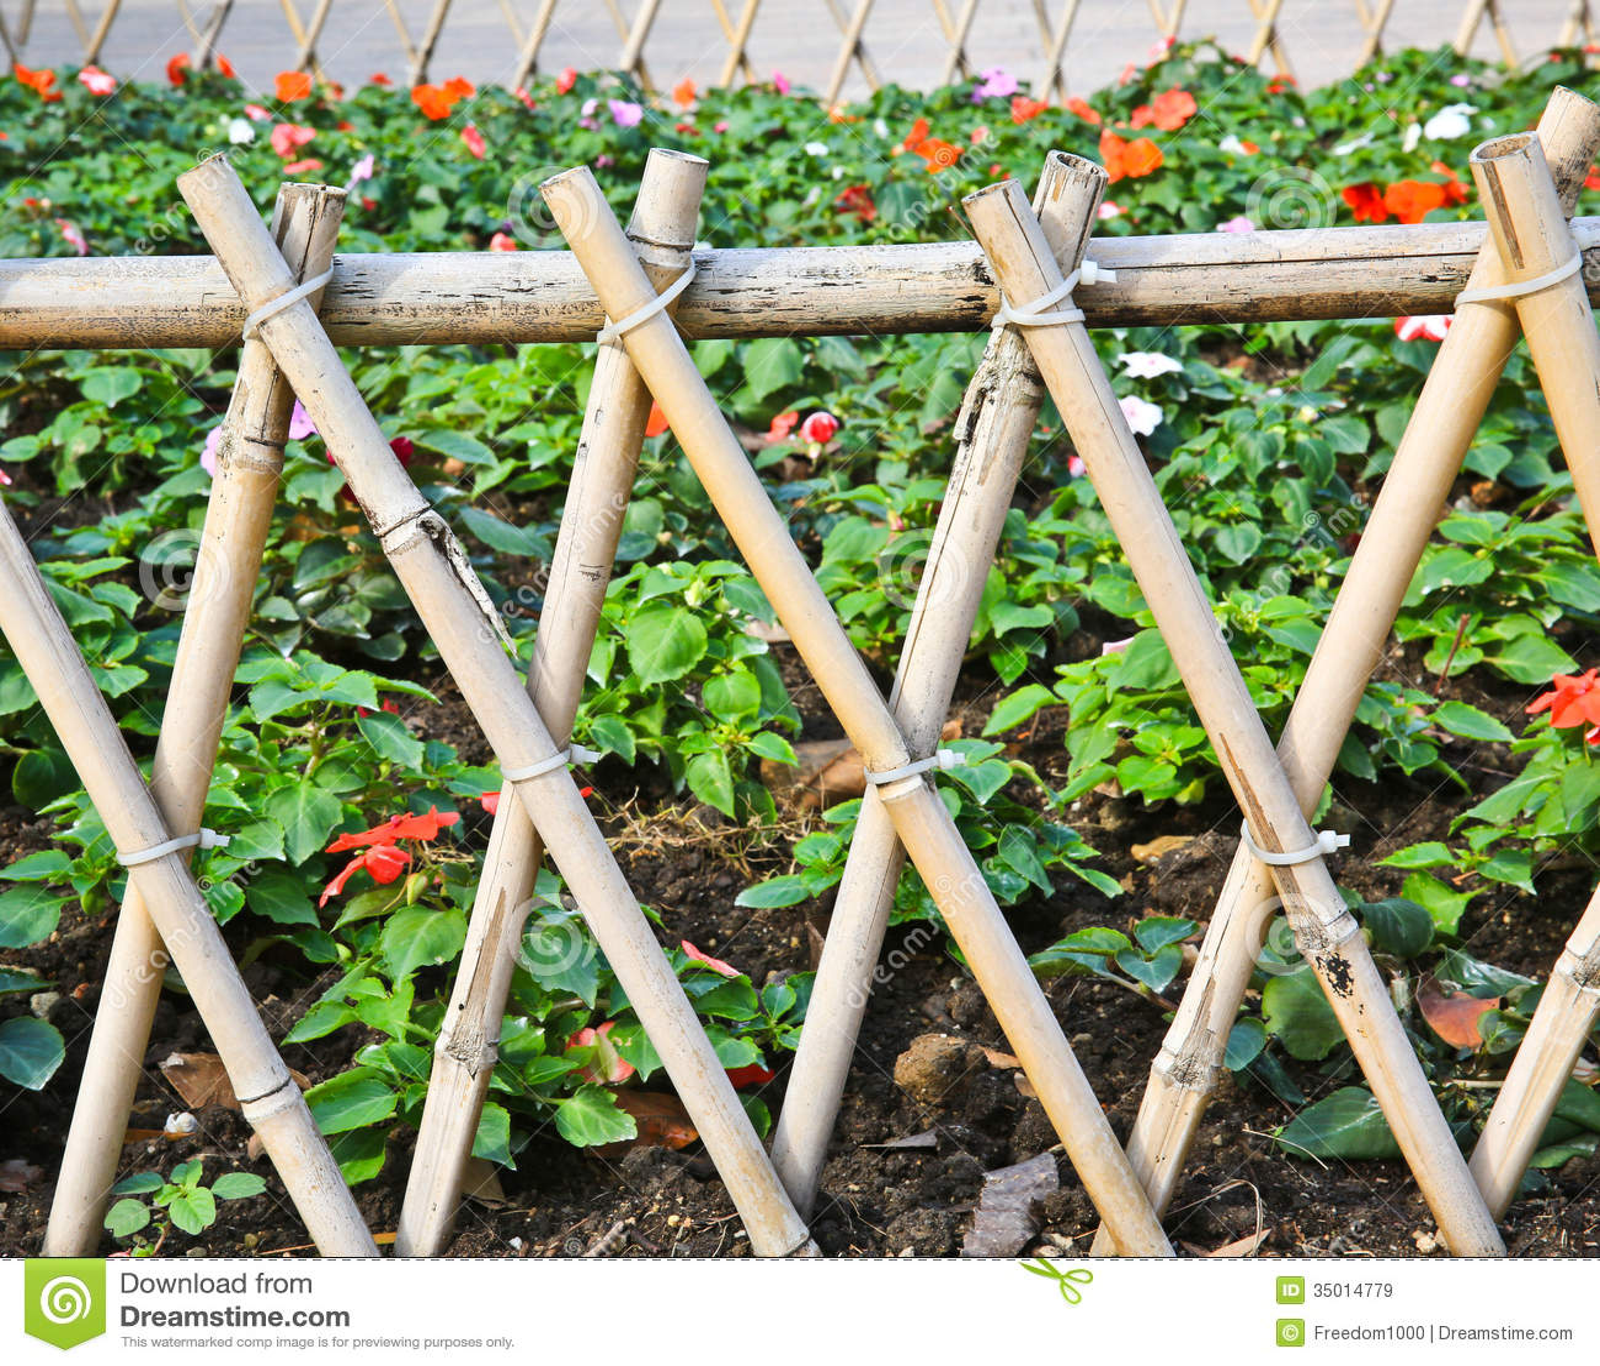 Barrière en bambou image stock. Image du protection, personne - 35014779